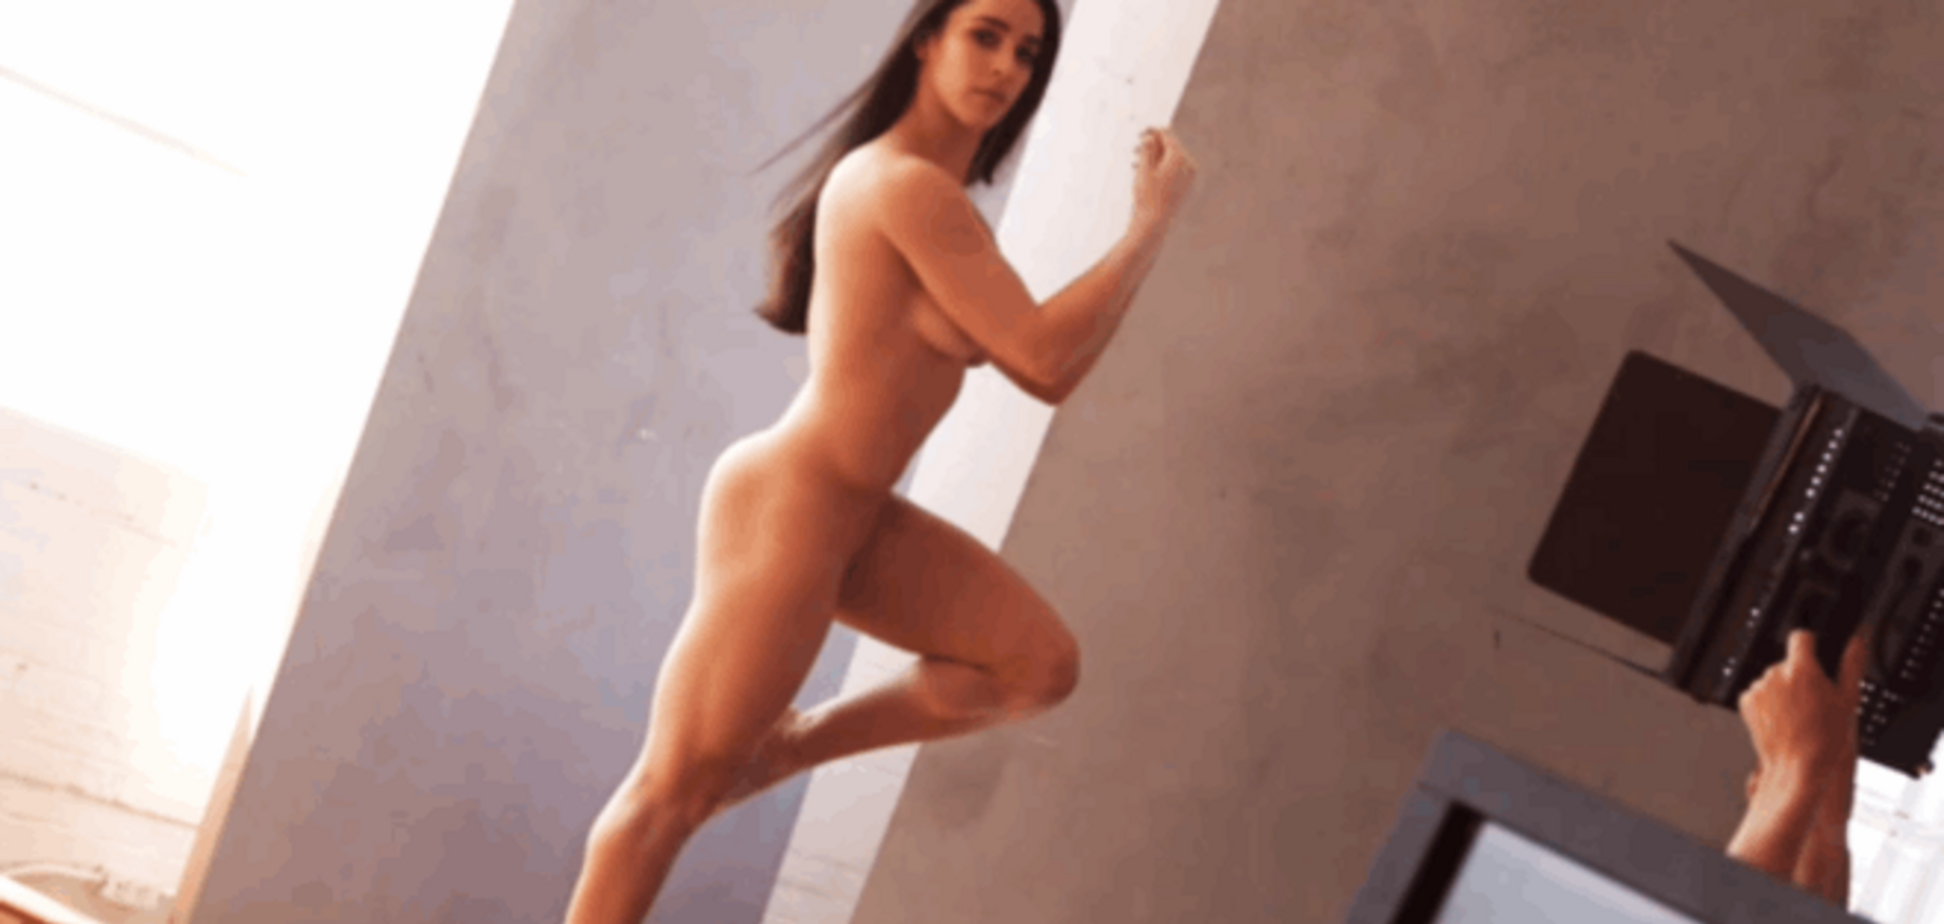 Двукратная олимпийская чемпионка обнажилась перед камерами